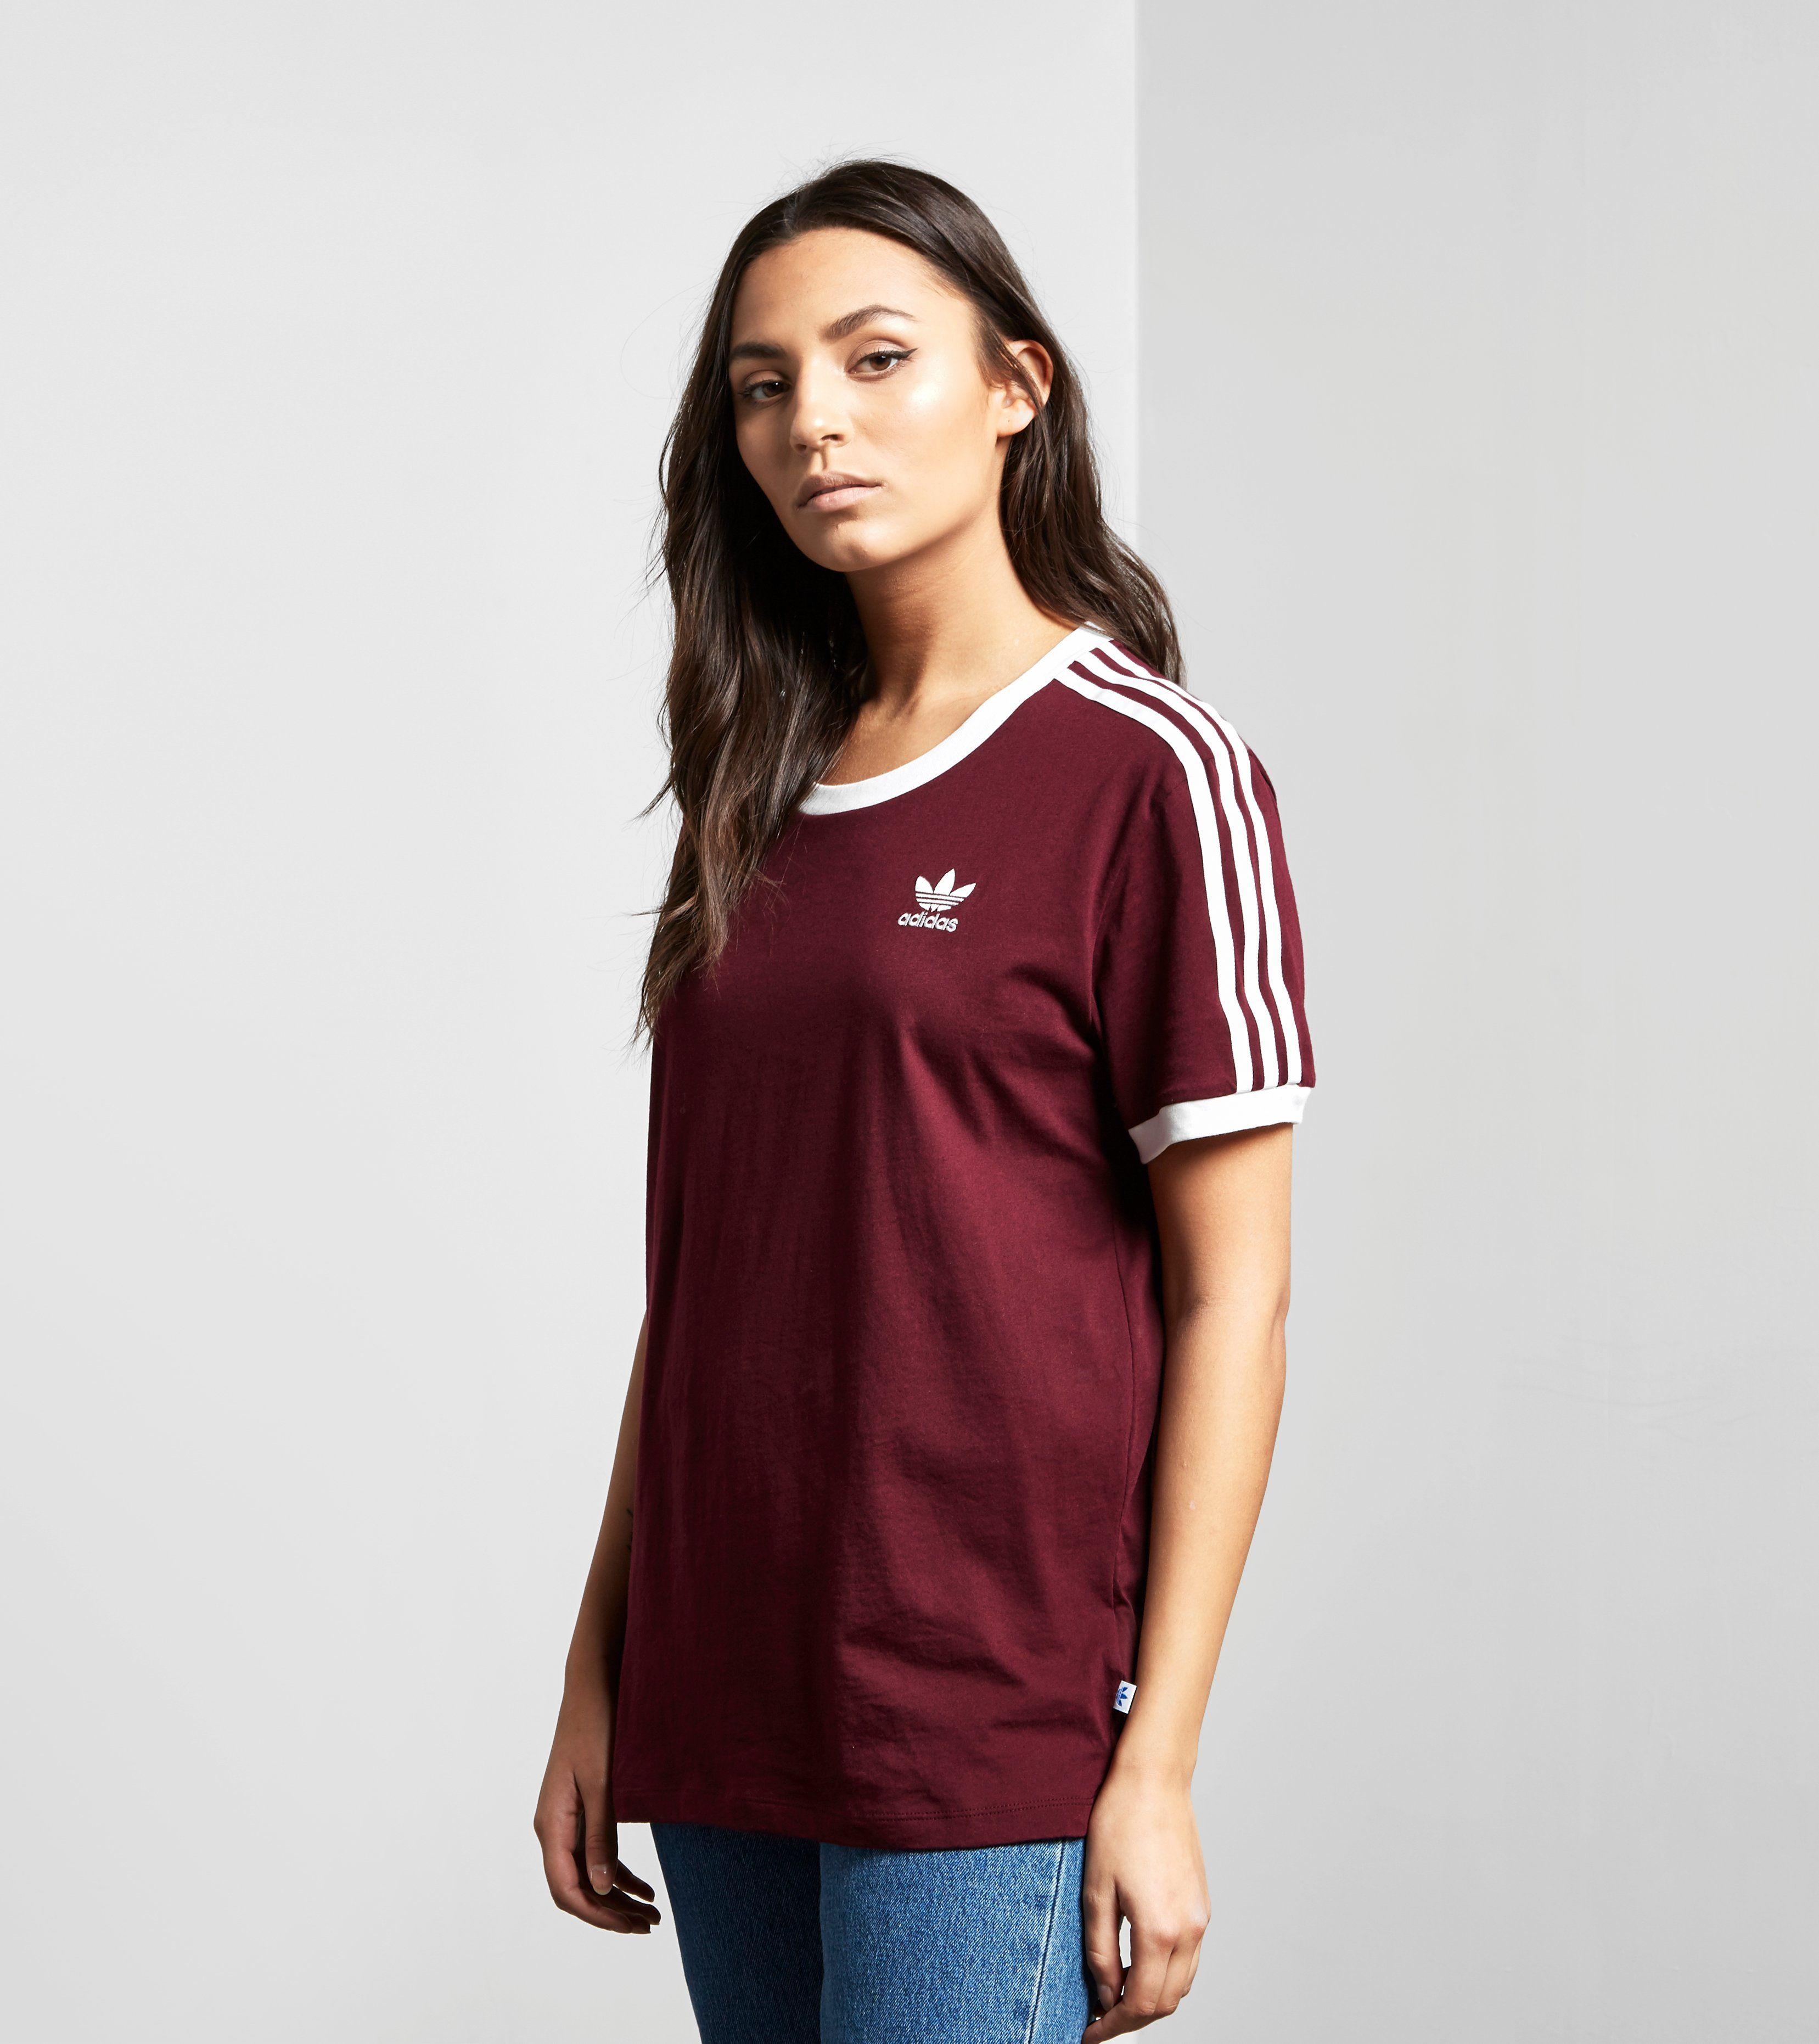 d2b5e12d Womens Adidas T Shirt thehampsteadfactory.co.uk